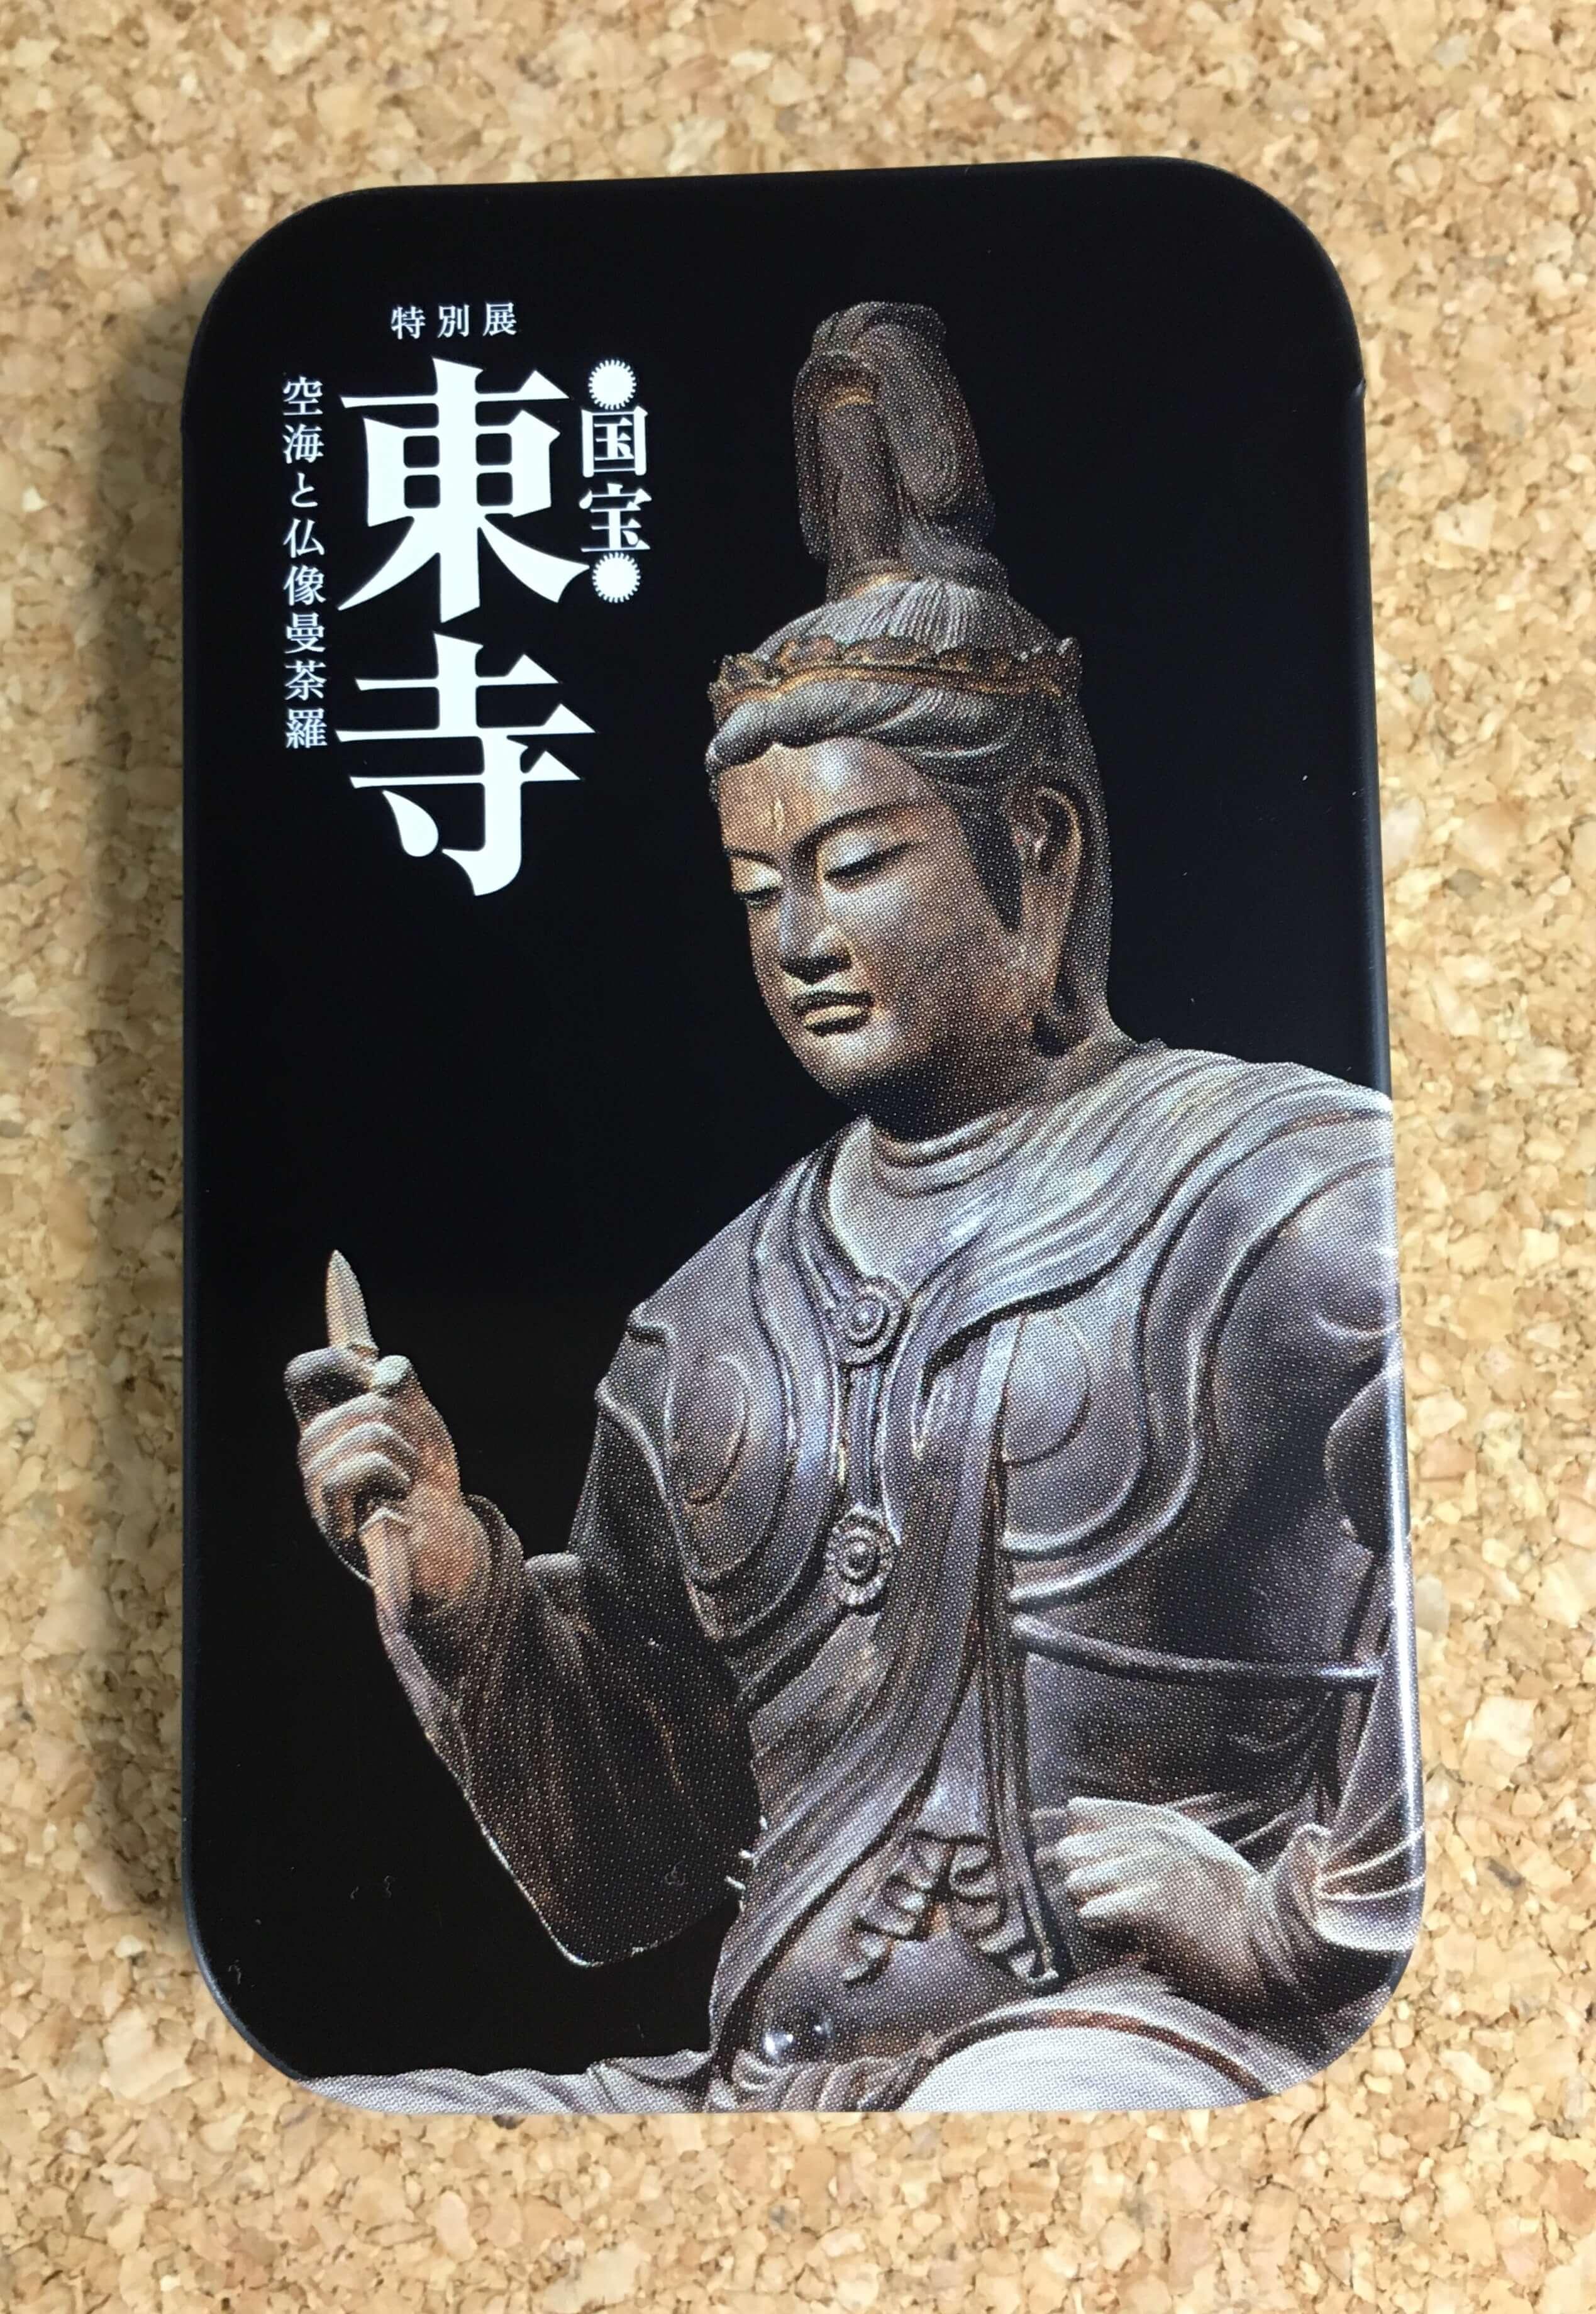 東寺展で購入したミントタブレット